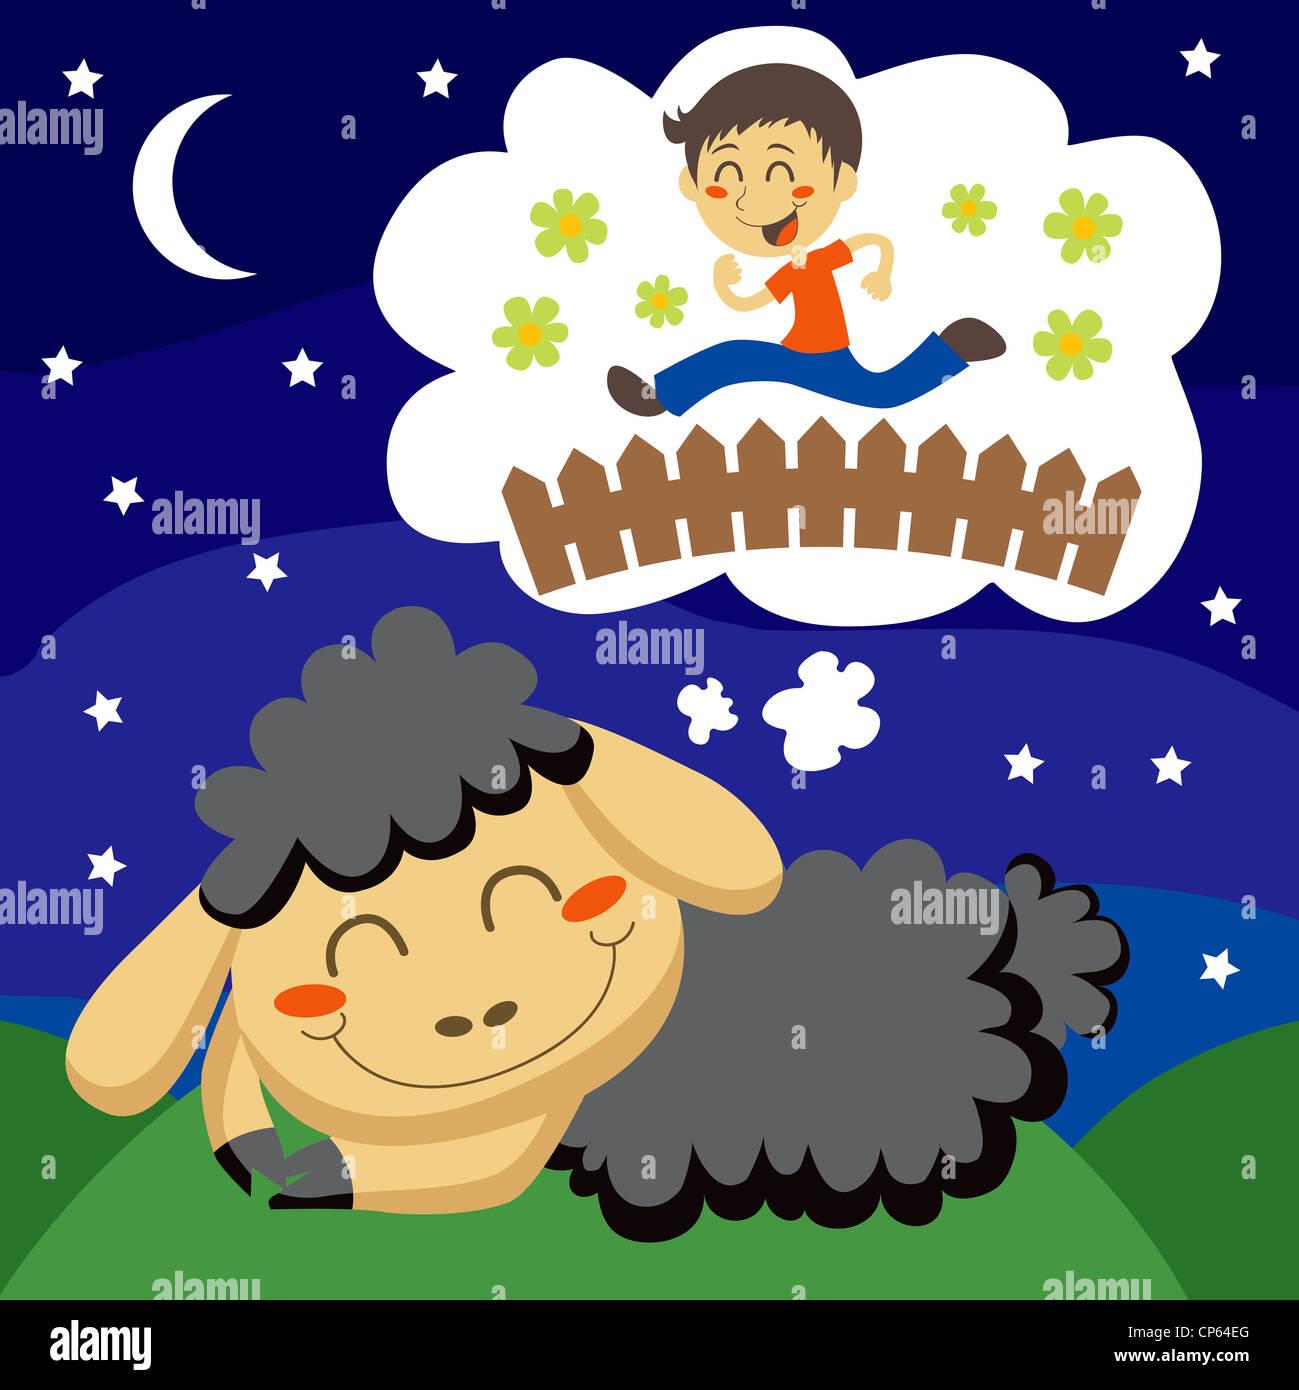 Pecora nera a contare i bambini saltando su un recinto per dormire